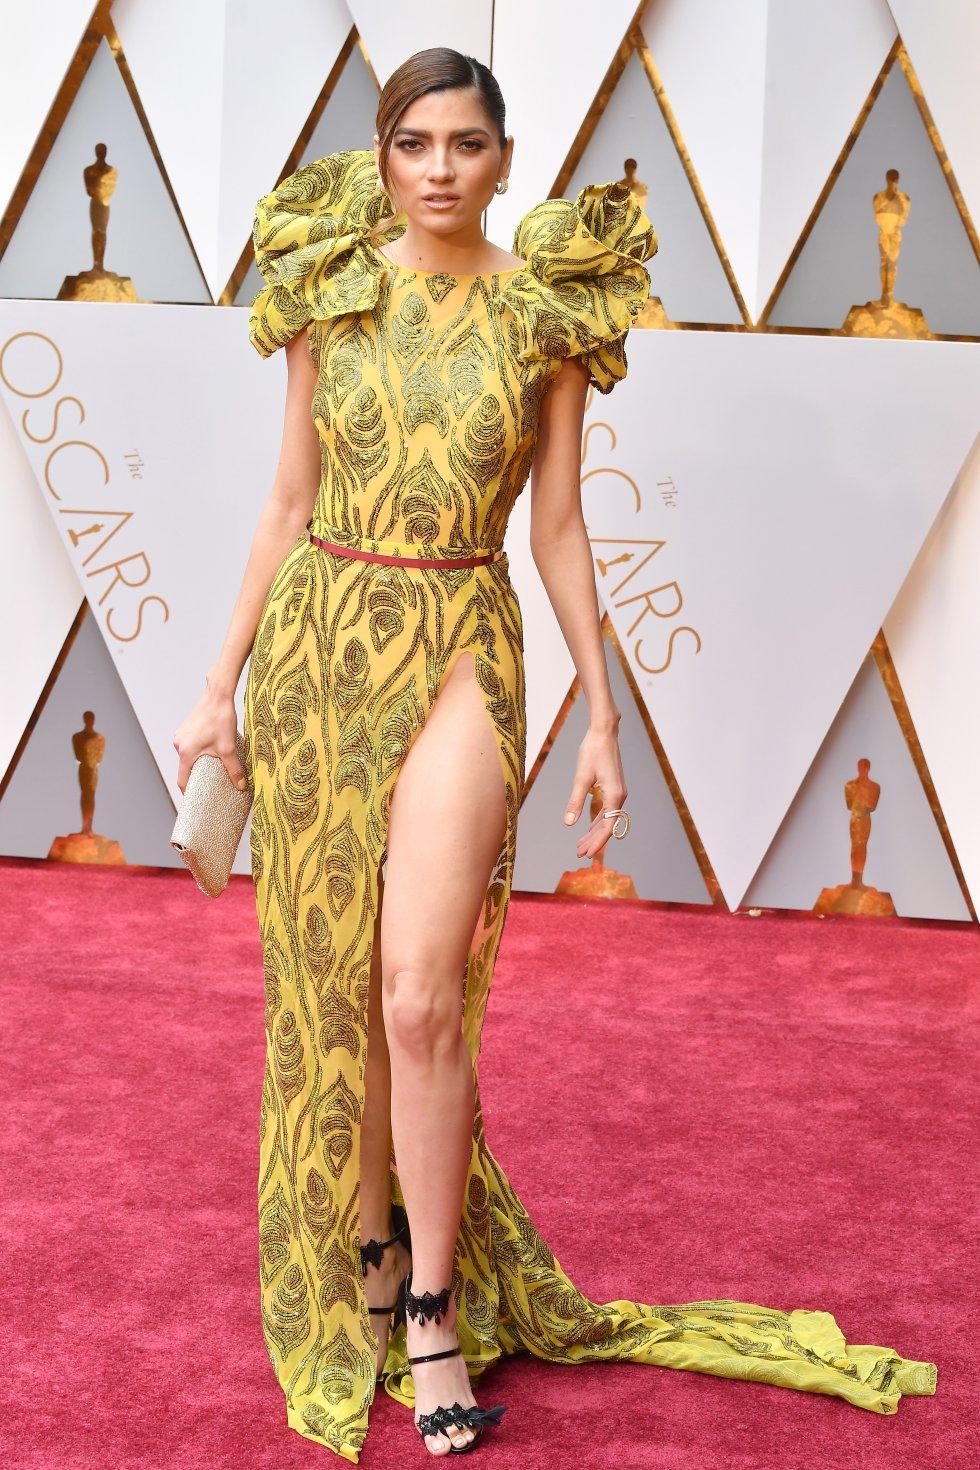 El vestido amarillo que lució la actriz en la alfombra roja de los Óscar le jugo una mala pasa.